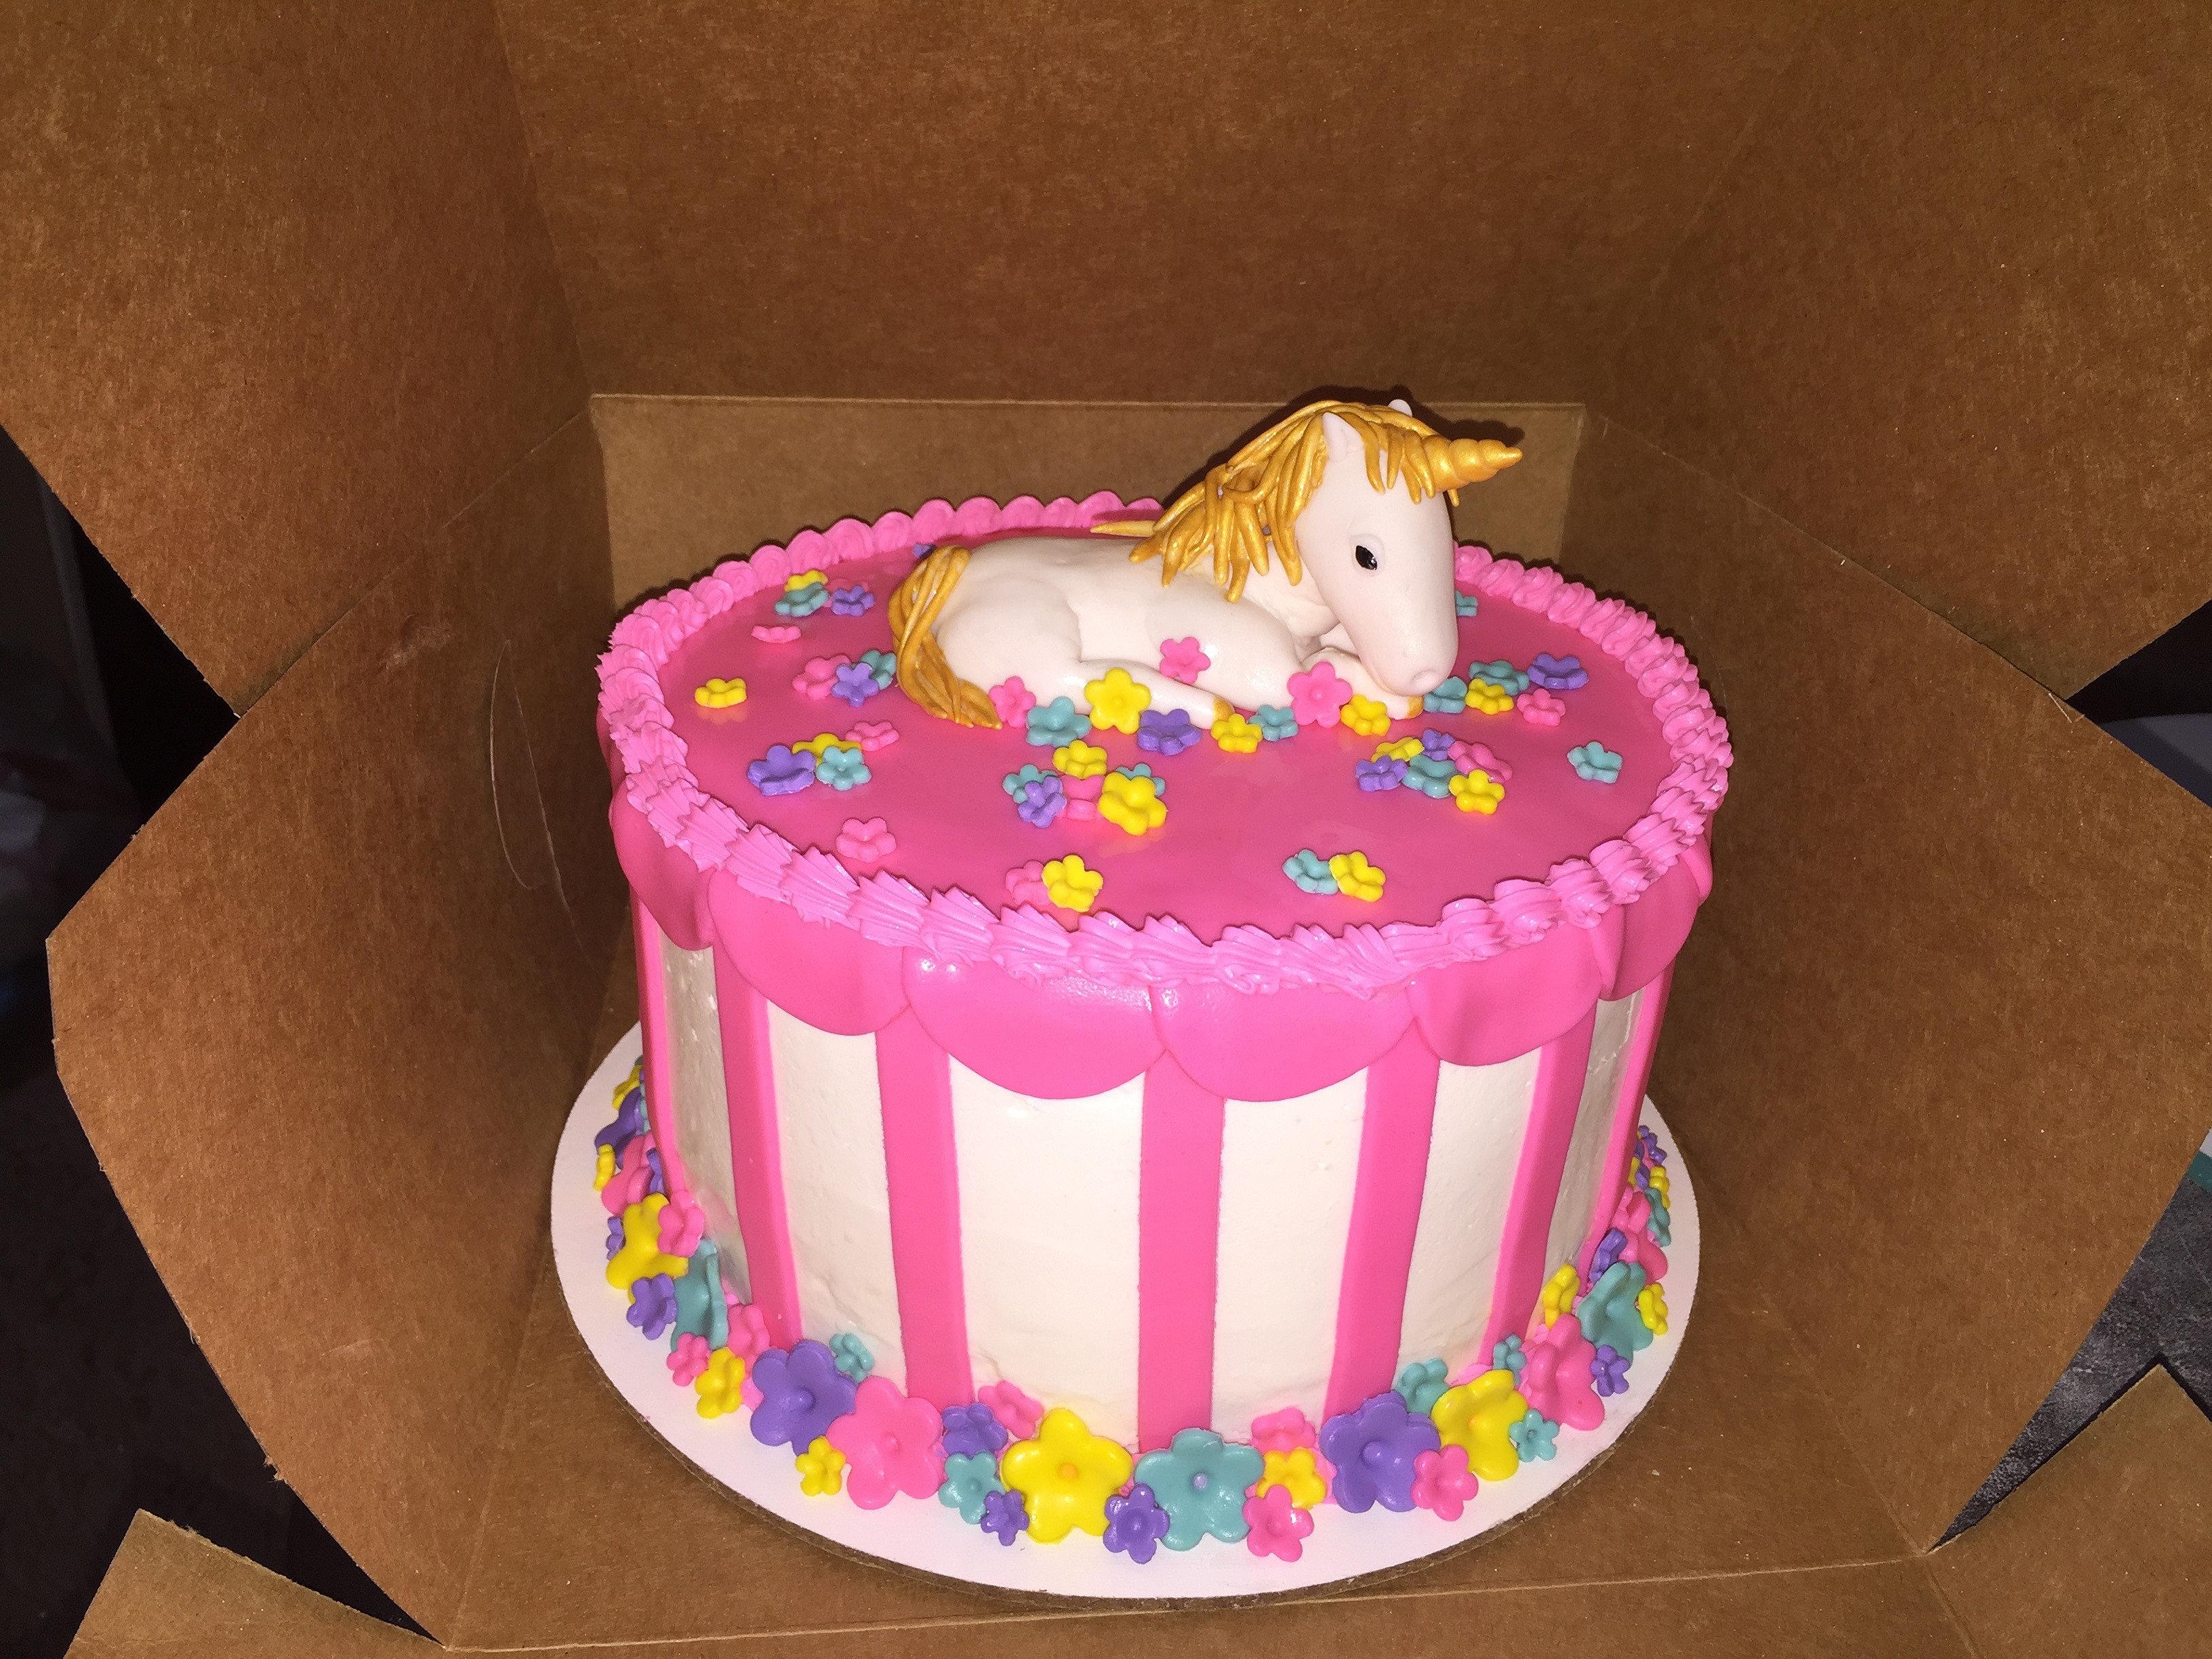 In Ice Cream Cake